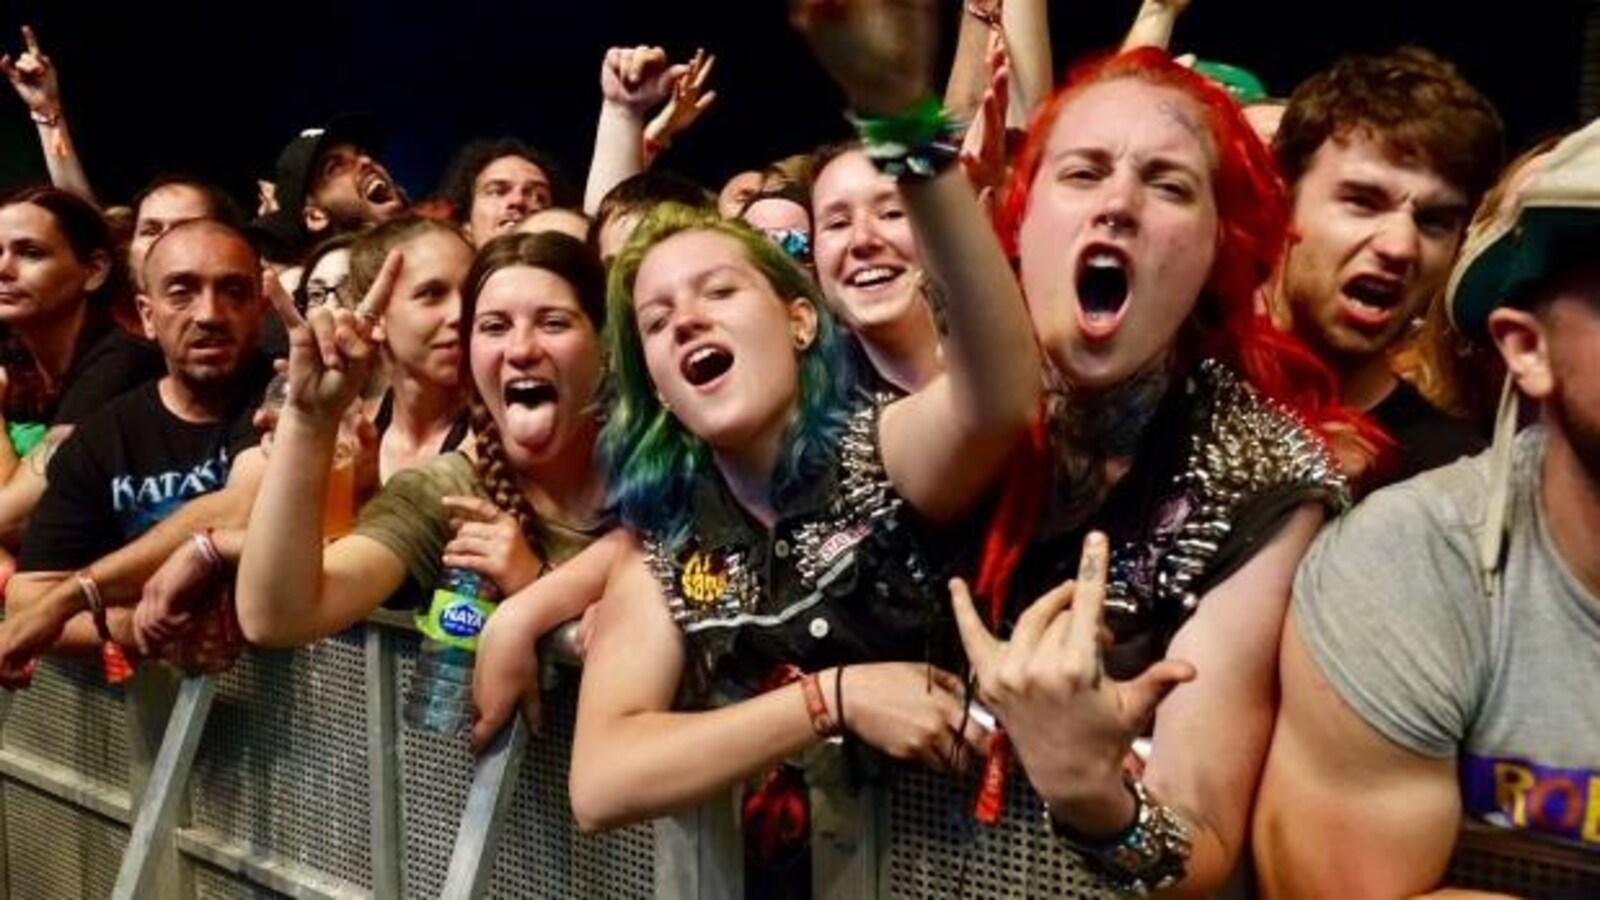 Une foule au Rockfest